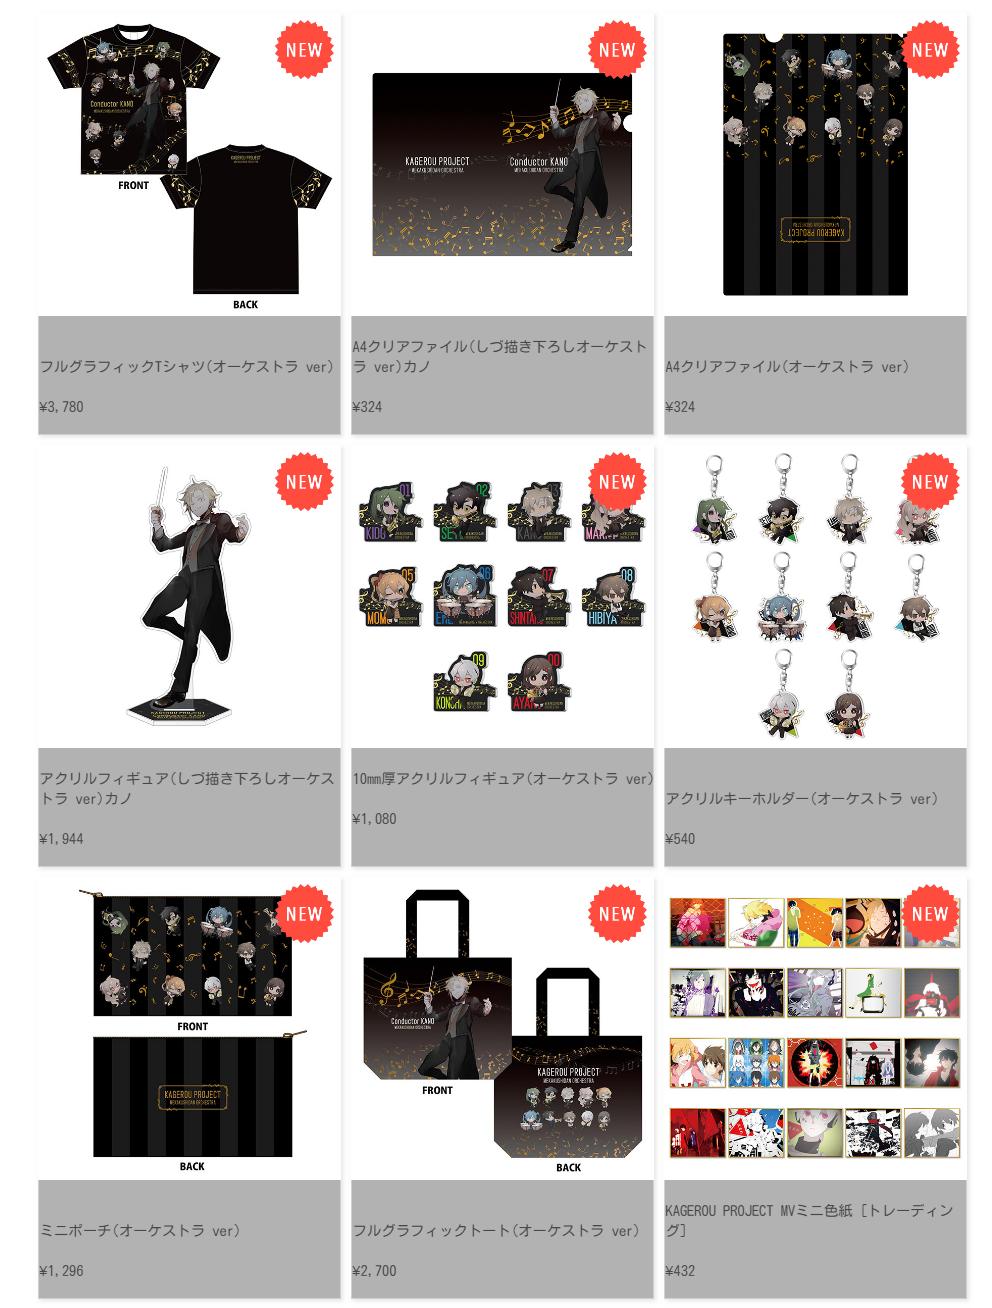 メカクシ団オーケストラ シリーズ の公式通販開始 カゲロウプロジェクト Uzurea Net